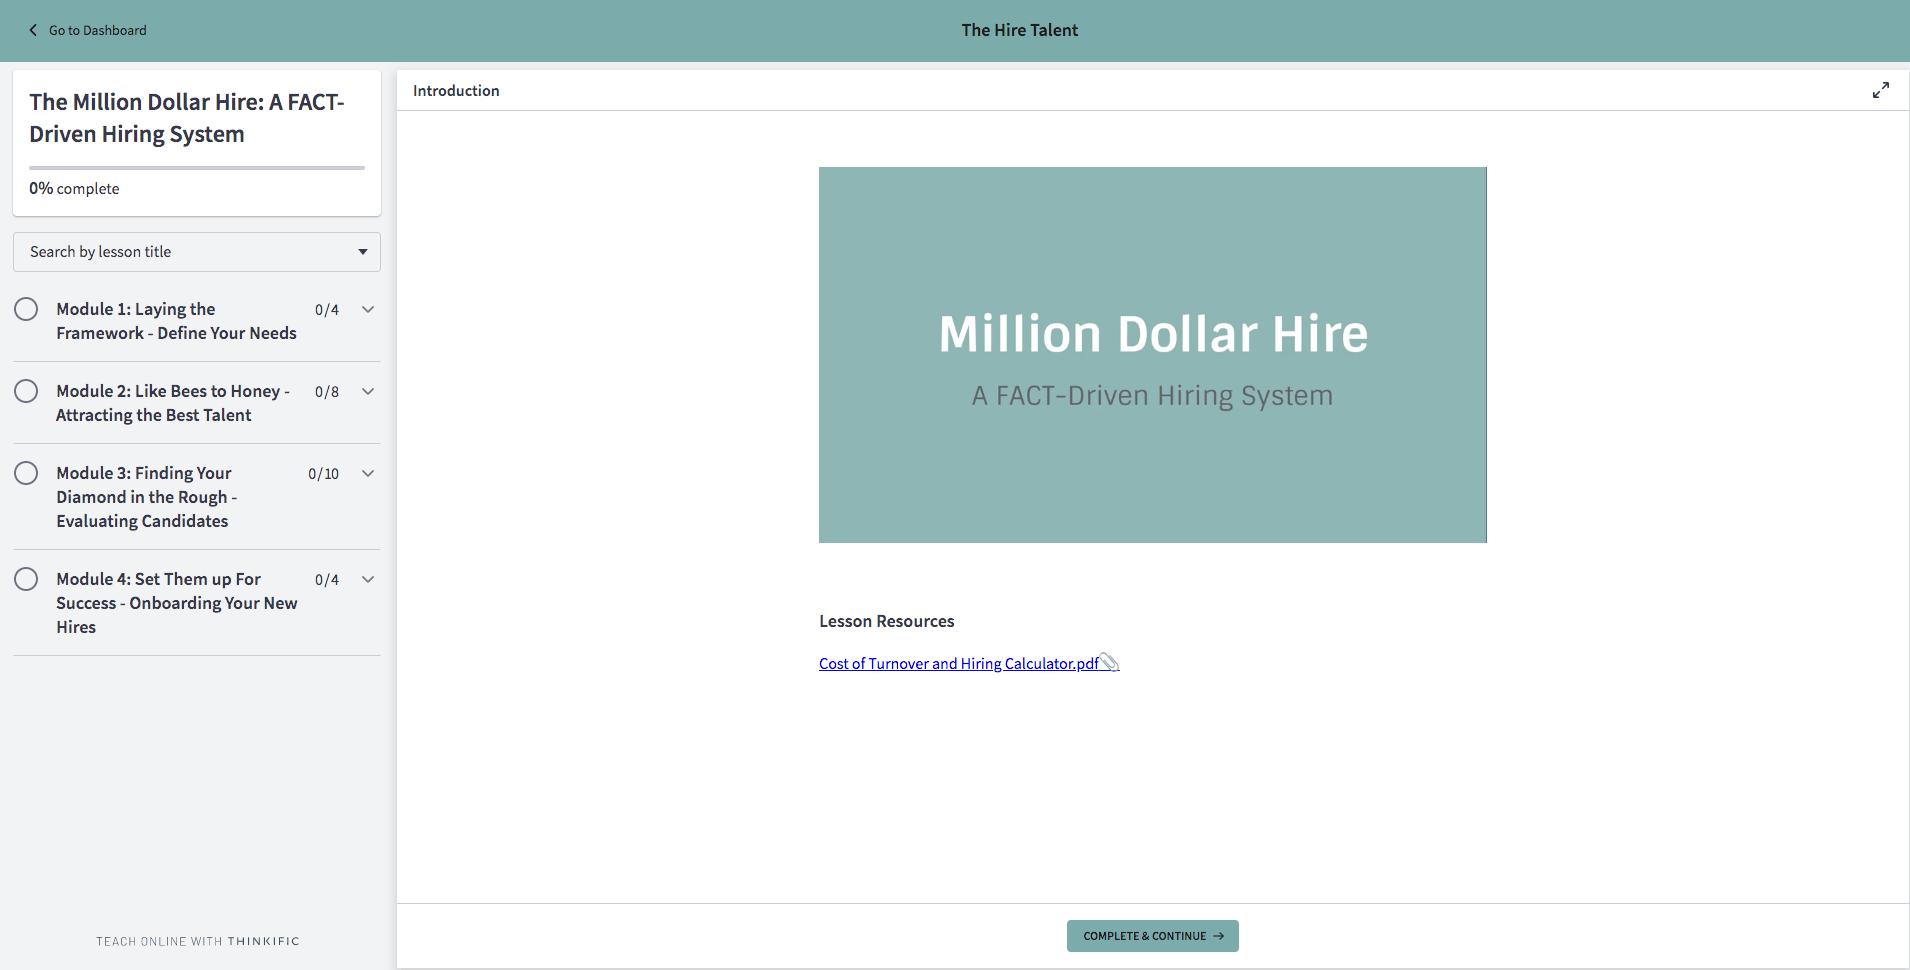 Million Dollar Hire Online Course